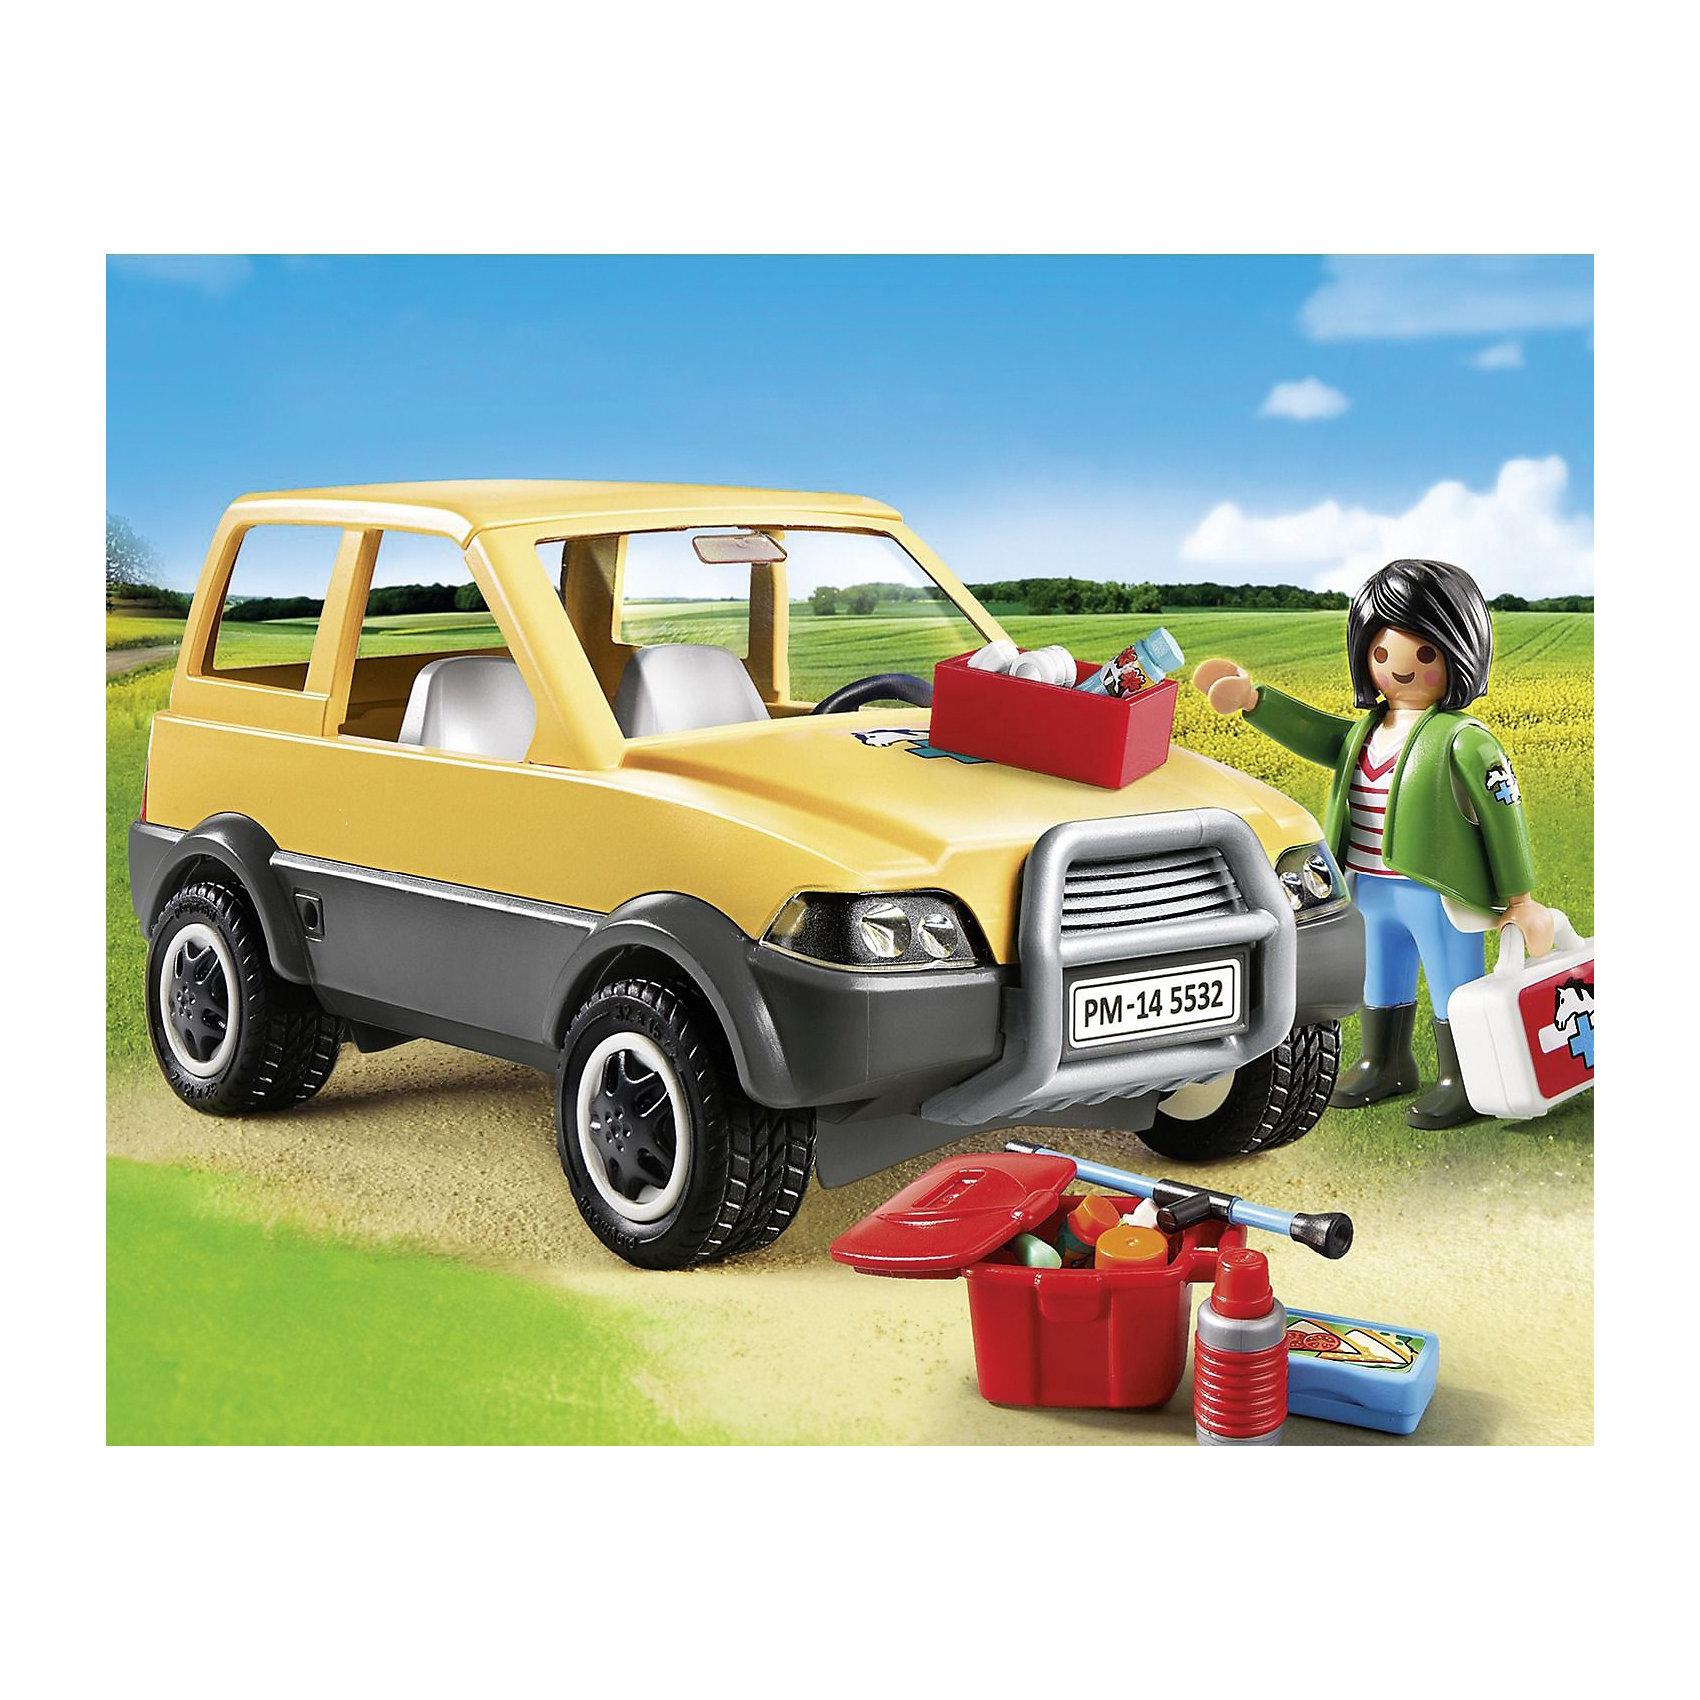 PLAYMOBIL® PLAYMOBIL 5532 Ветеринарная клиника: Автомобиль playmobil® детская клиника рентгеновский кабинет playmobil